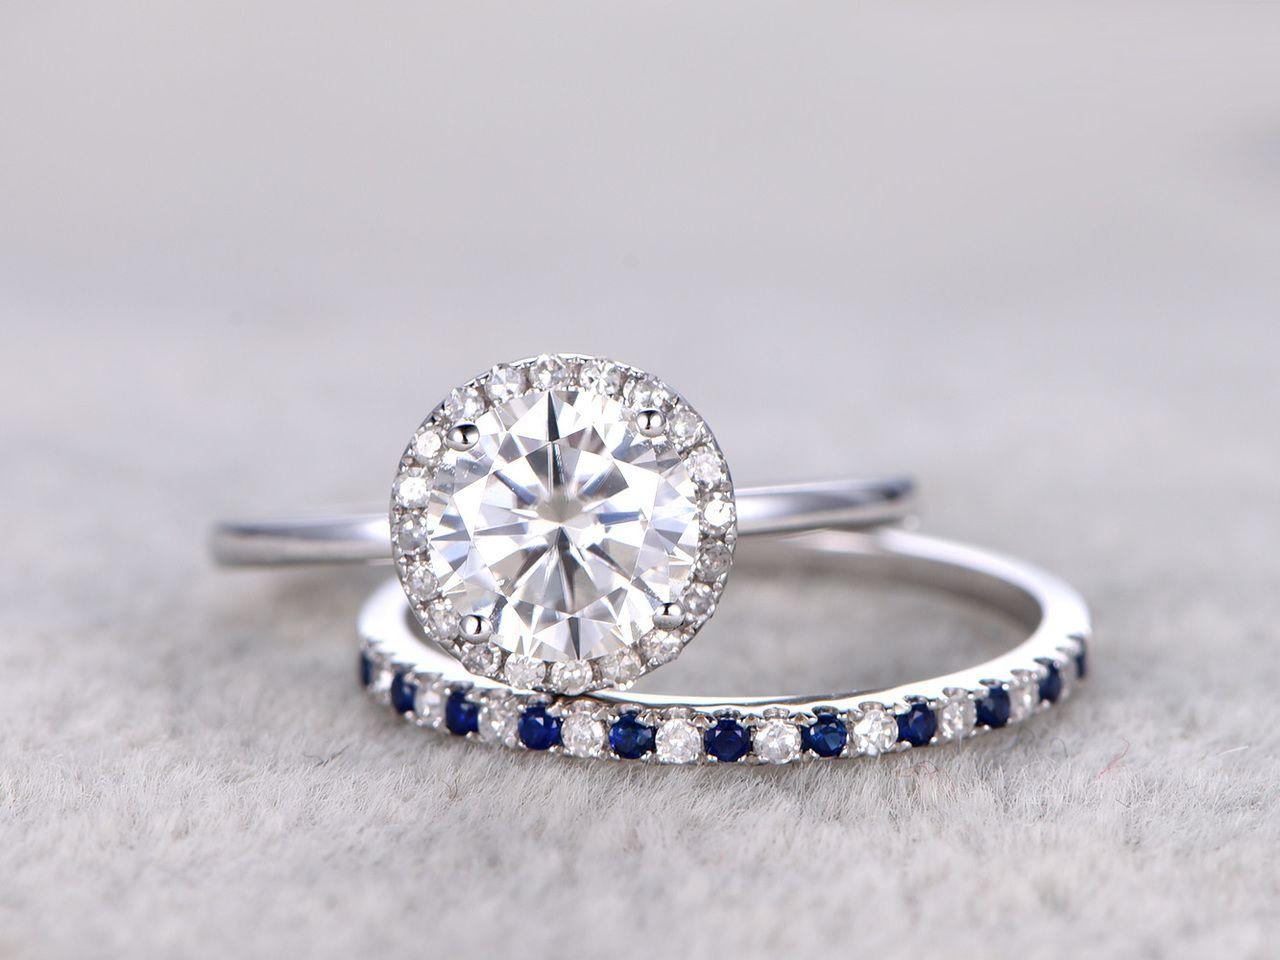 ring moissanite engagement ring set diamond and sapphire wedding - Sapphire Wedding Ring Sets